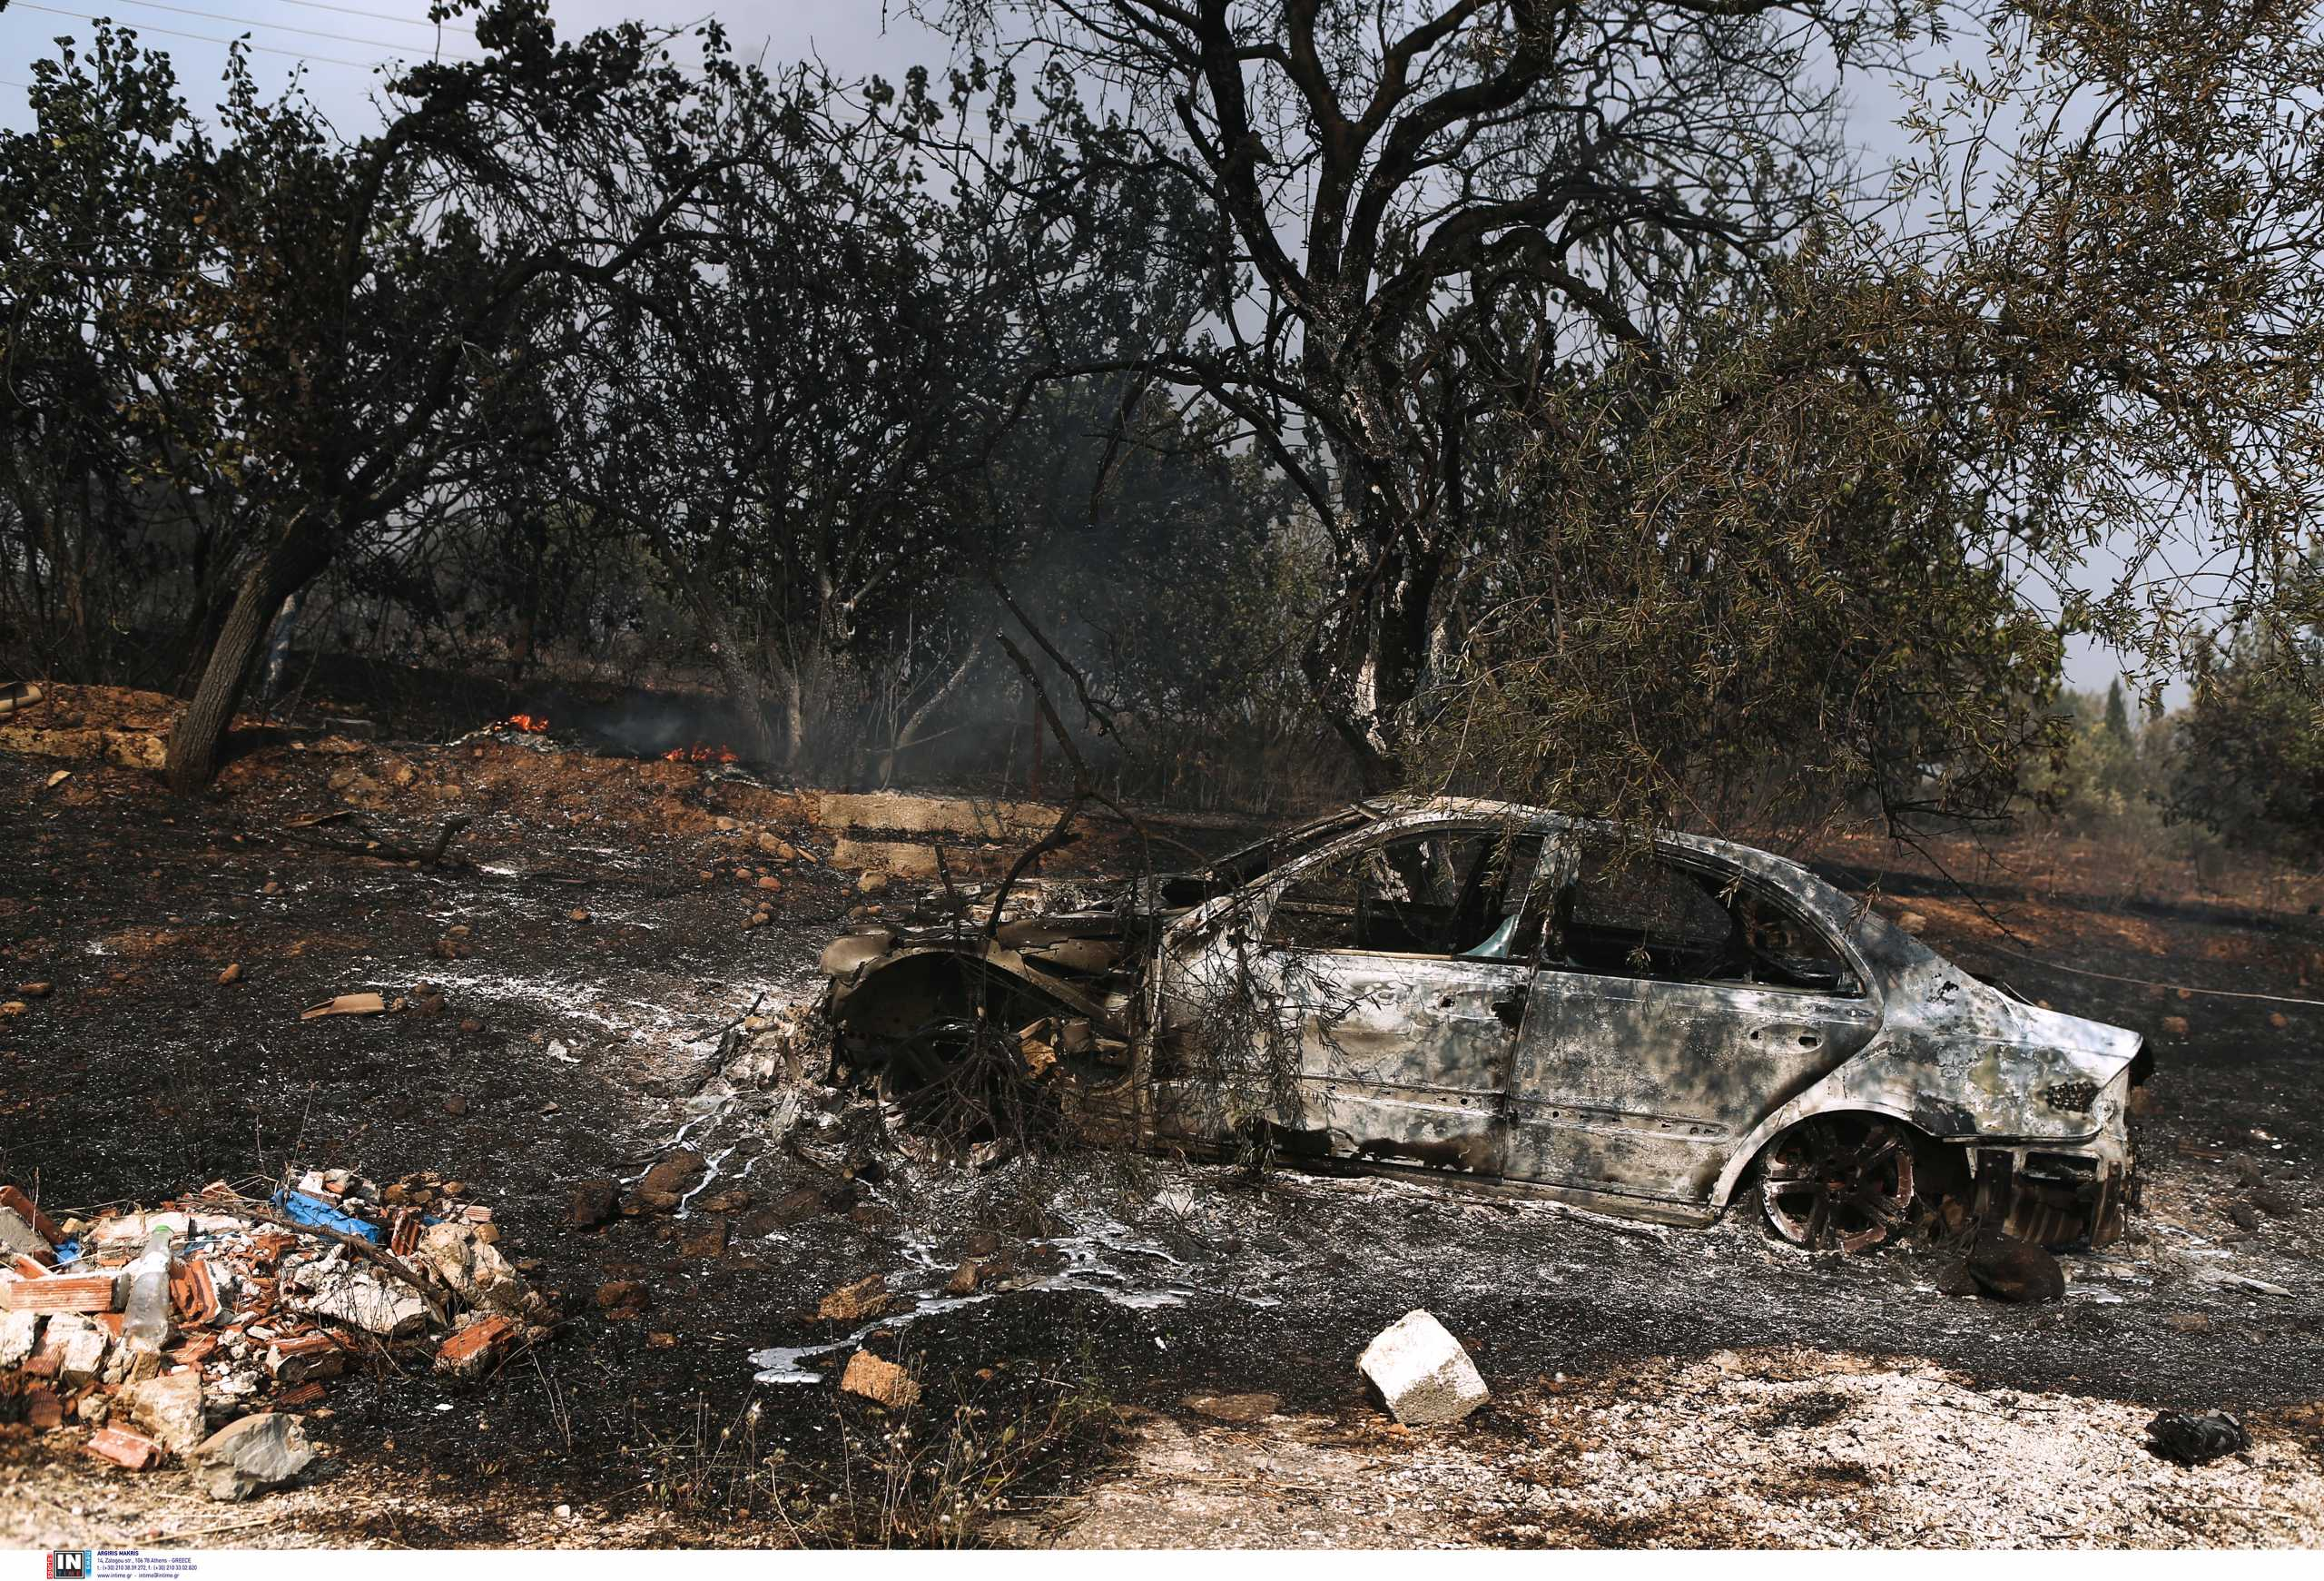 Φωτιές στην Αττική: Συνεδρίαση του ΔΣ του ΔΣΑ για μέτρα στήριξης των πυρόπληκτων